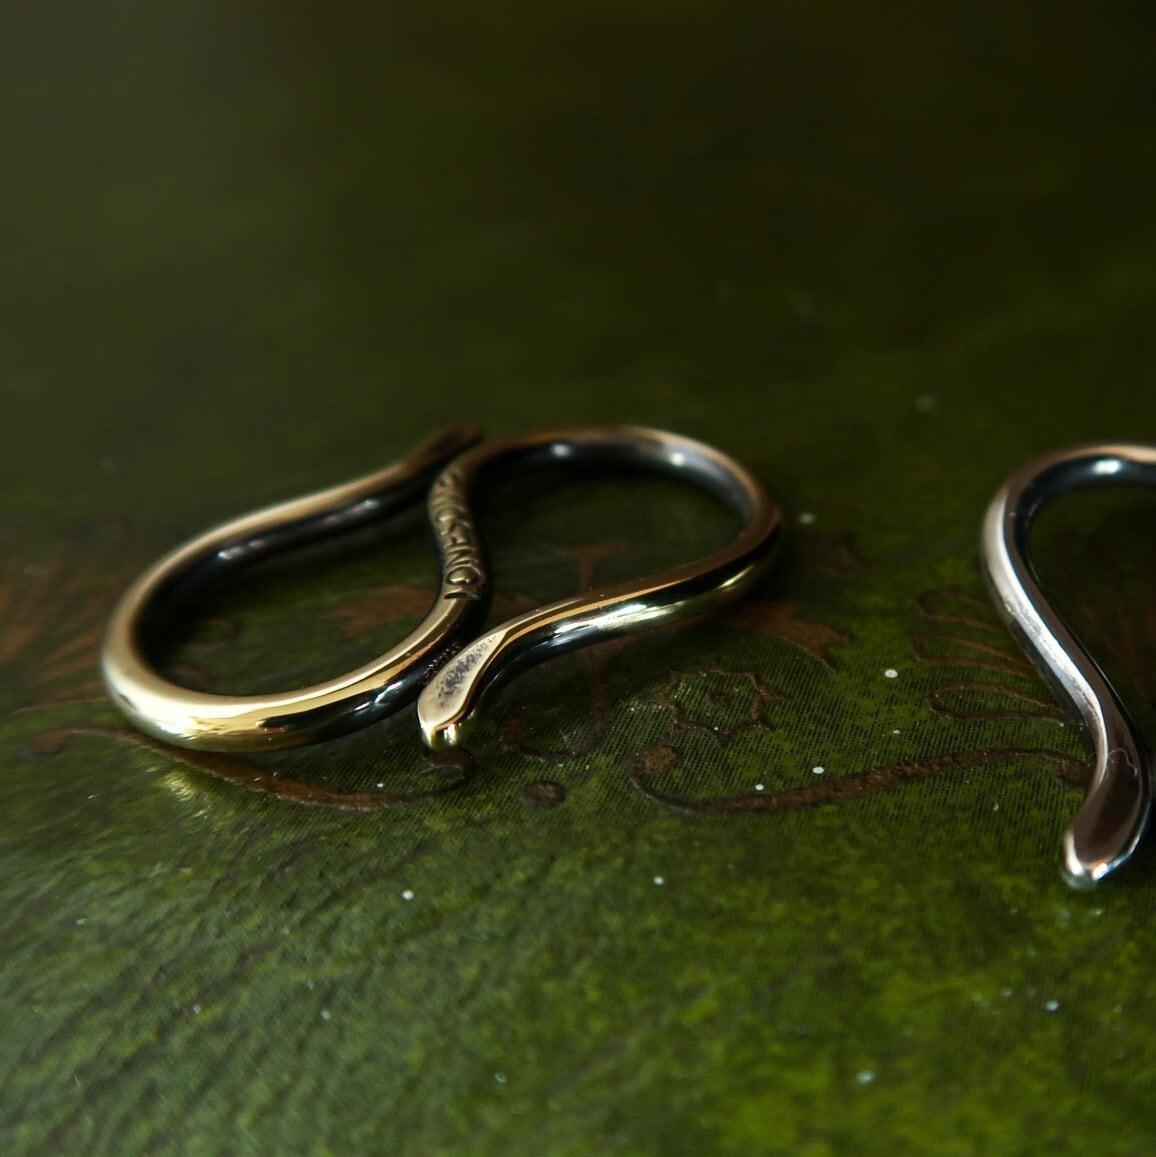 SNAKE SCARF RING -brass- ヘビのスカーフリング(スキニースカーフ用)真鍮製